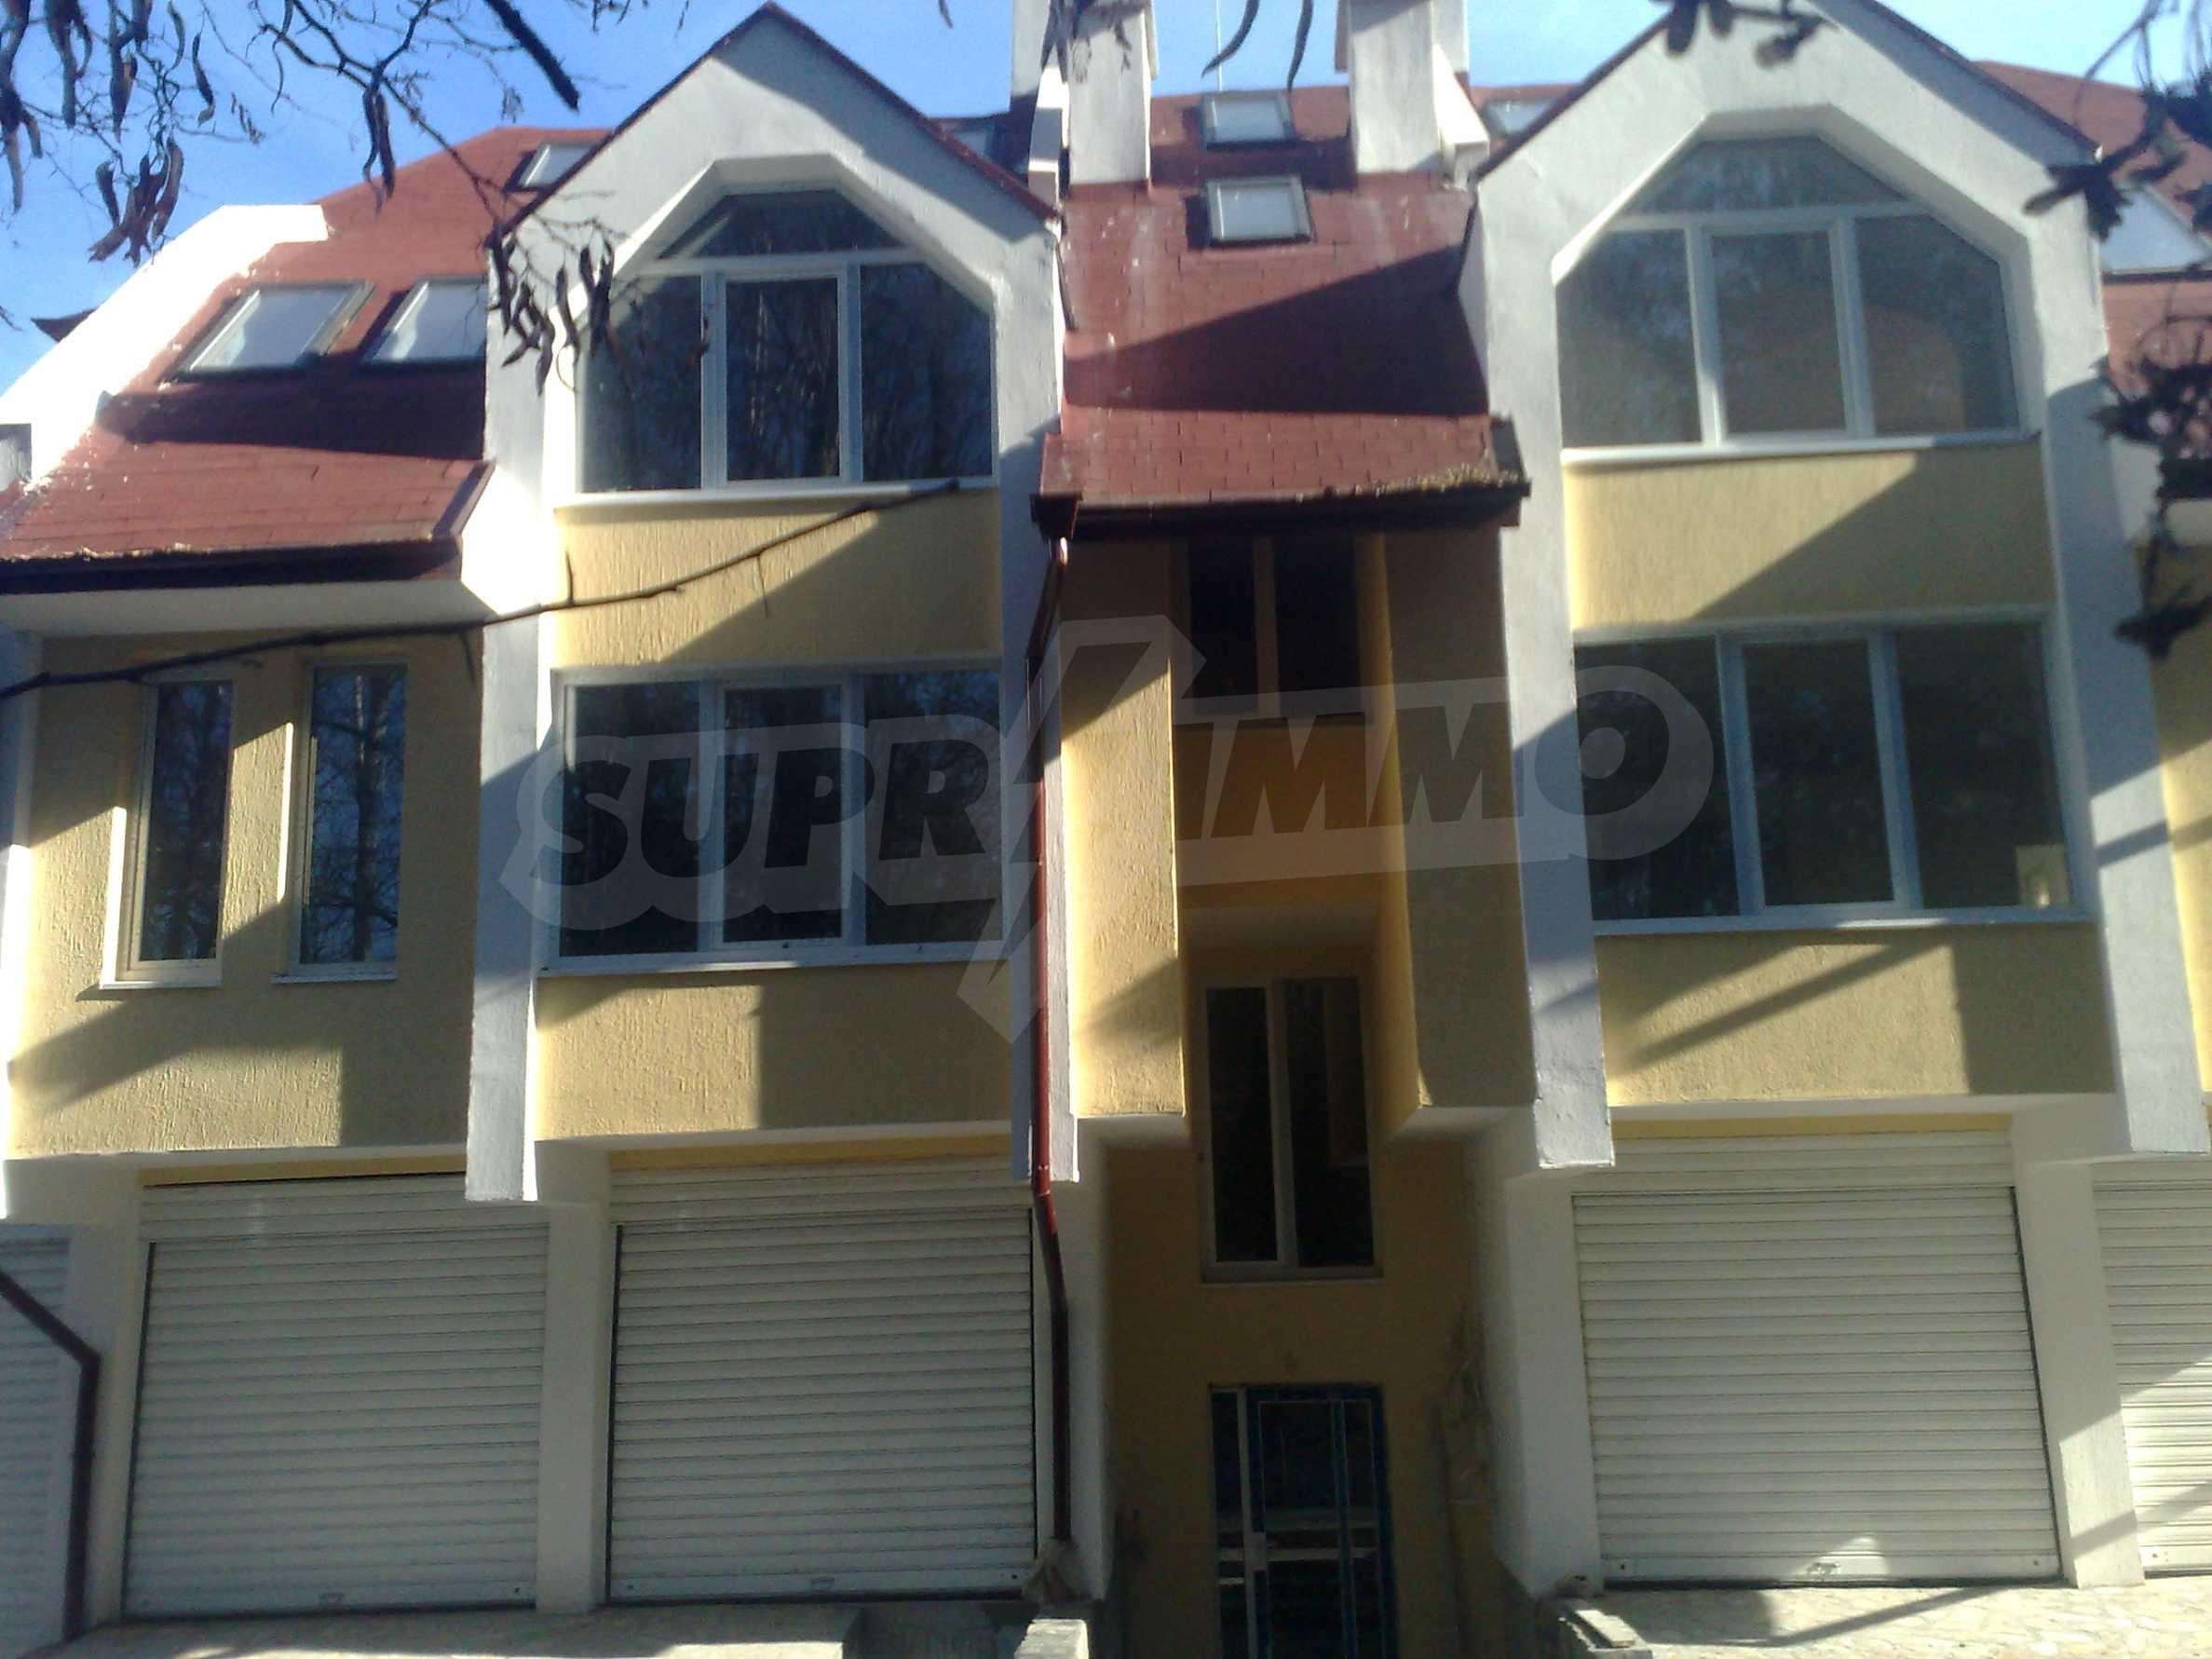 Двустаен апартамент с тераси в нова сграда до парка в центъра на Банско 4